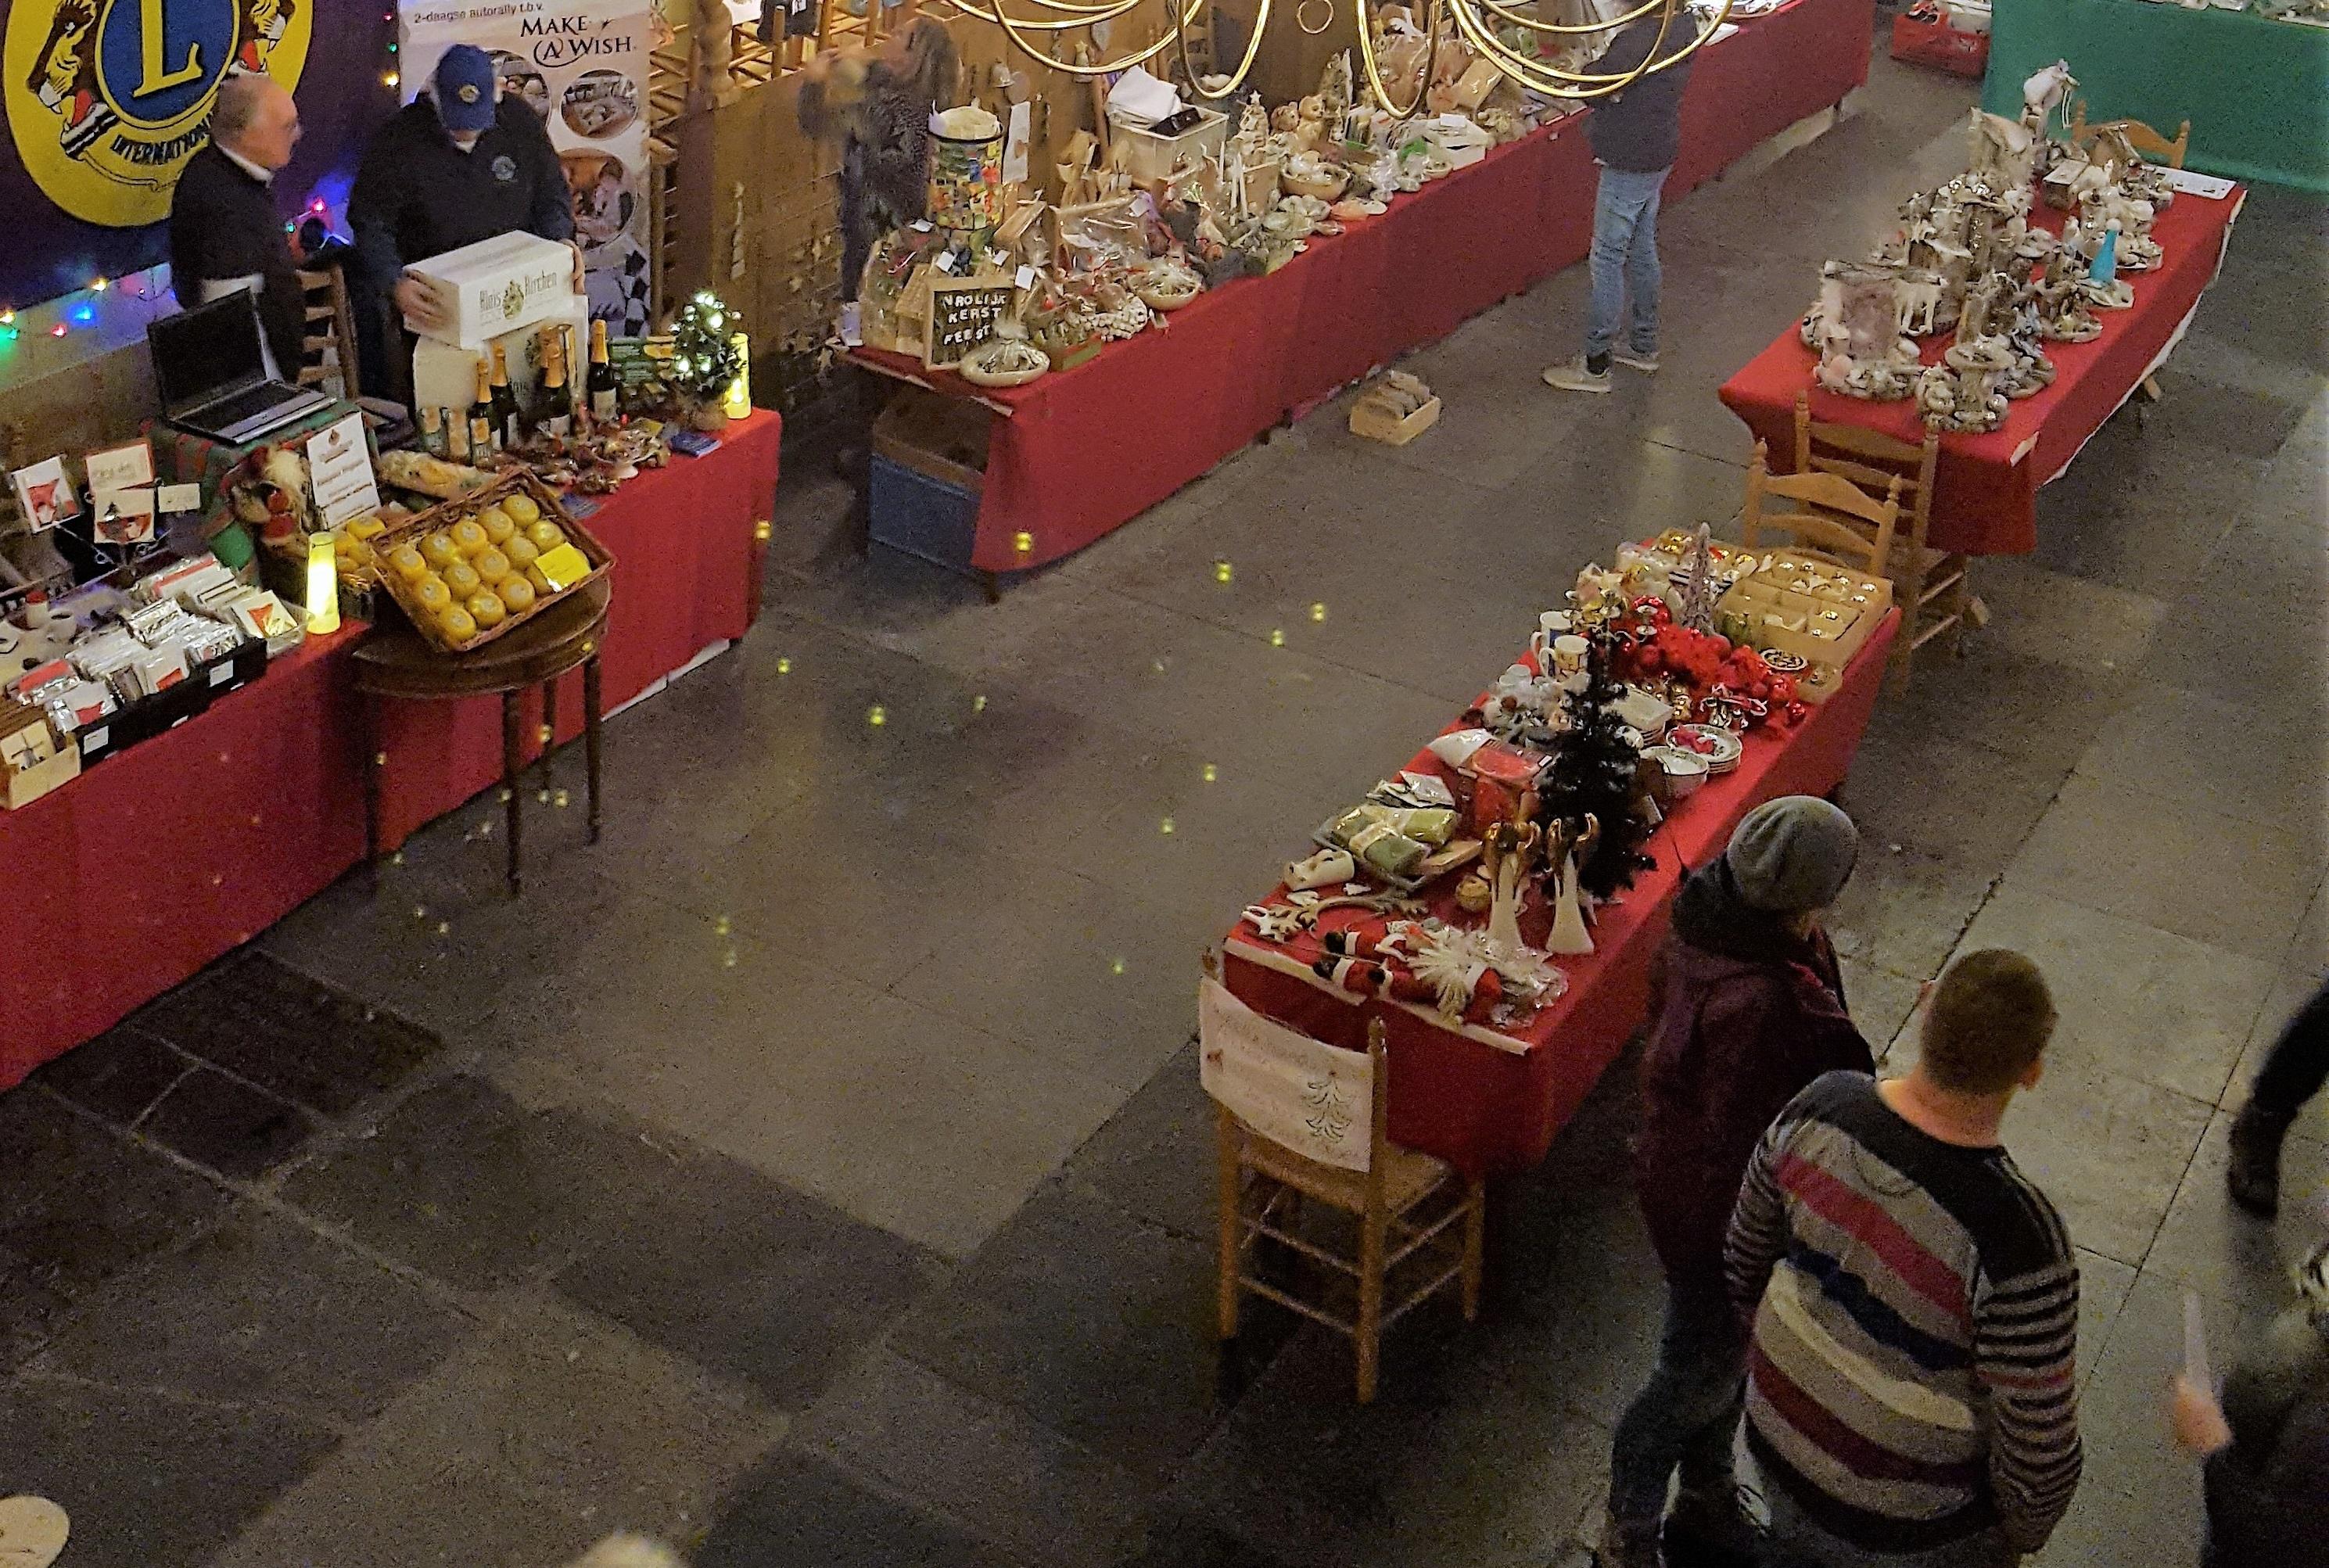 In de protestantse kerk staan 14 december diverse kramen opgesteld met allerlei zelfgemaakte producten. (Foto: aangeleverd)